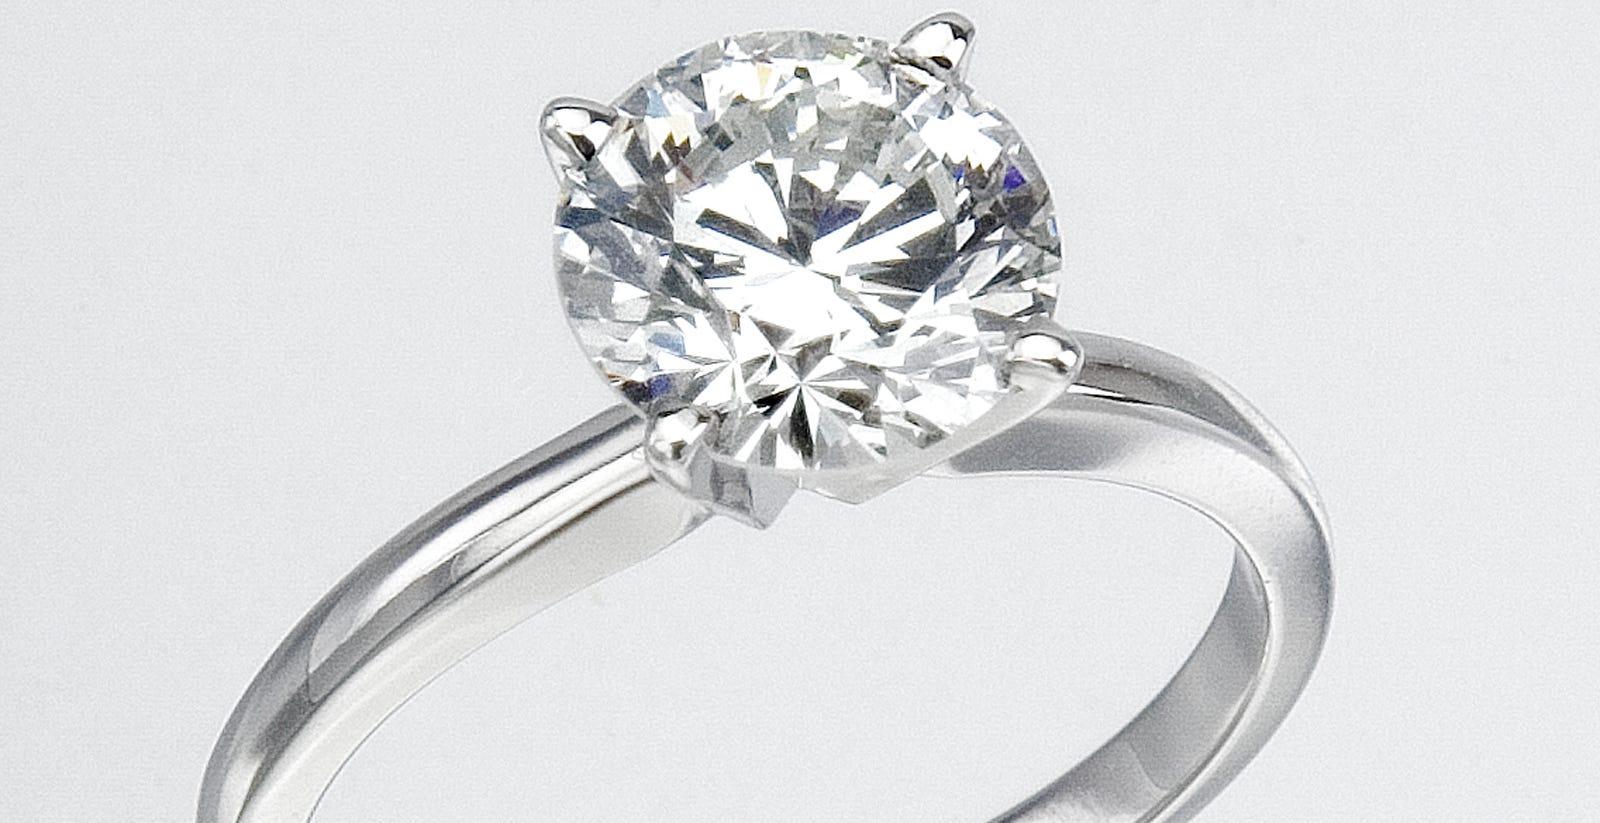 5 Engagement Ring Buying Tips: Big Wedding Rings Princess Cut Rock At Reisefeber.org